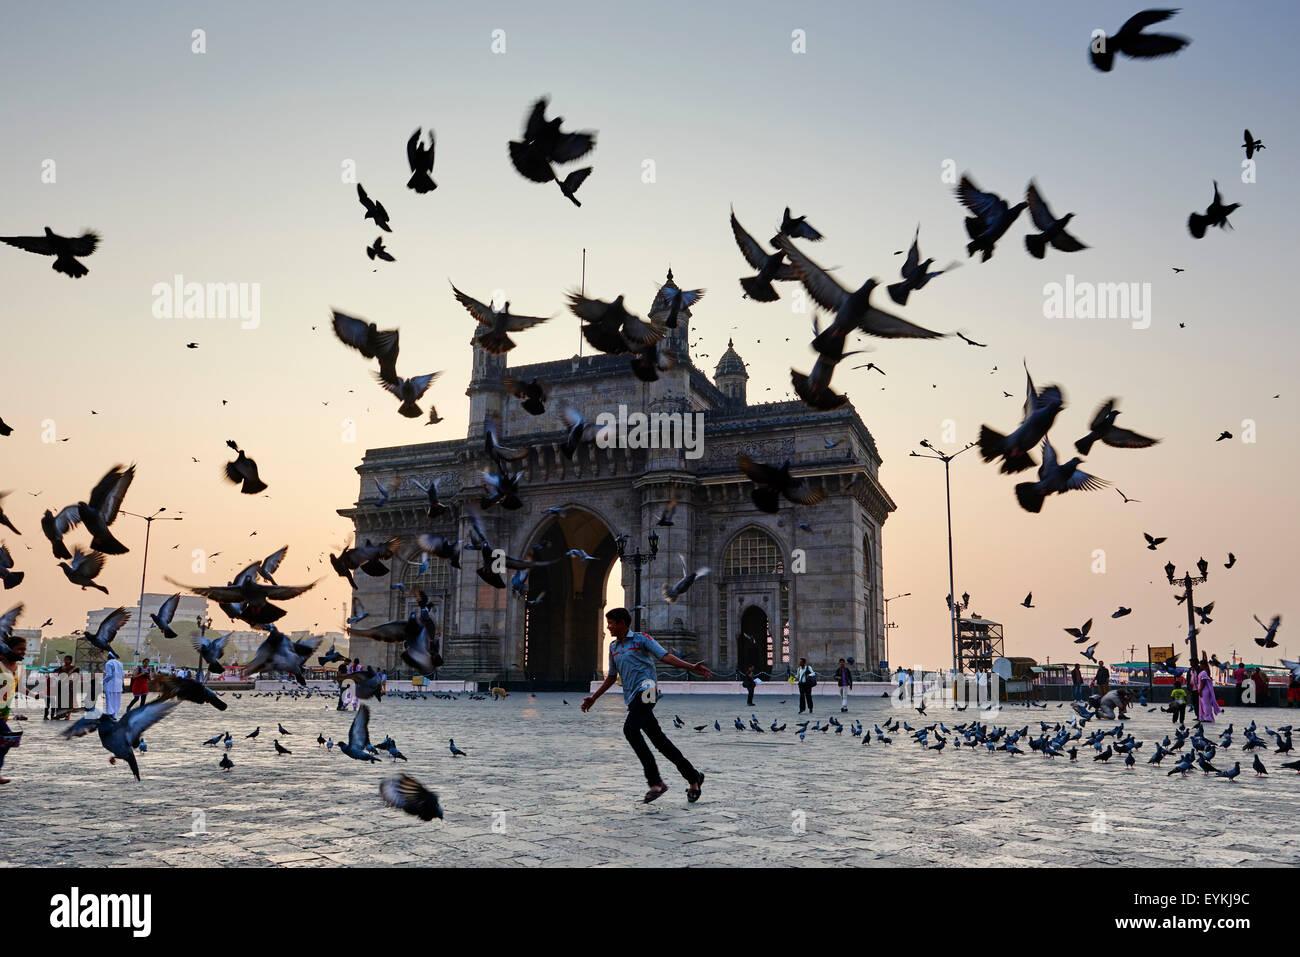 India, Maharashtra, Mumbai (Bombay), Gateway of India - Stock Image